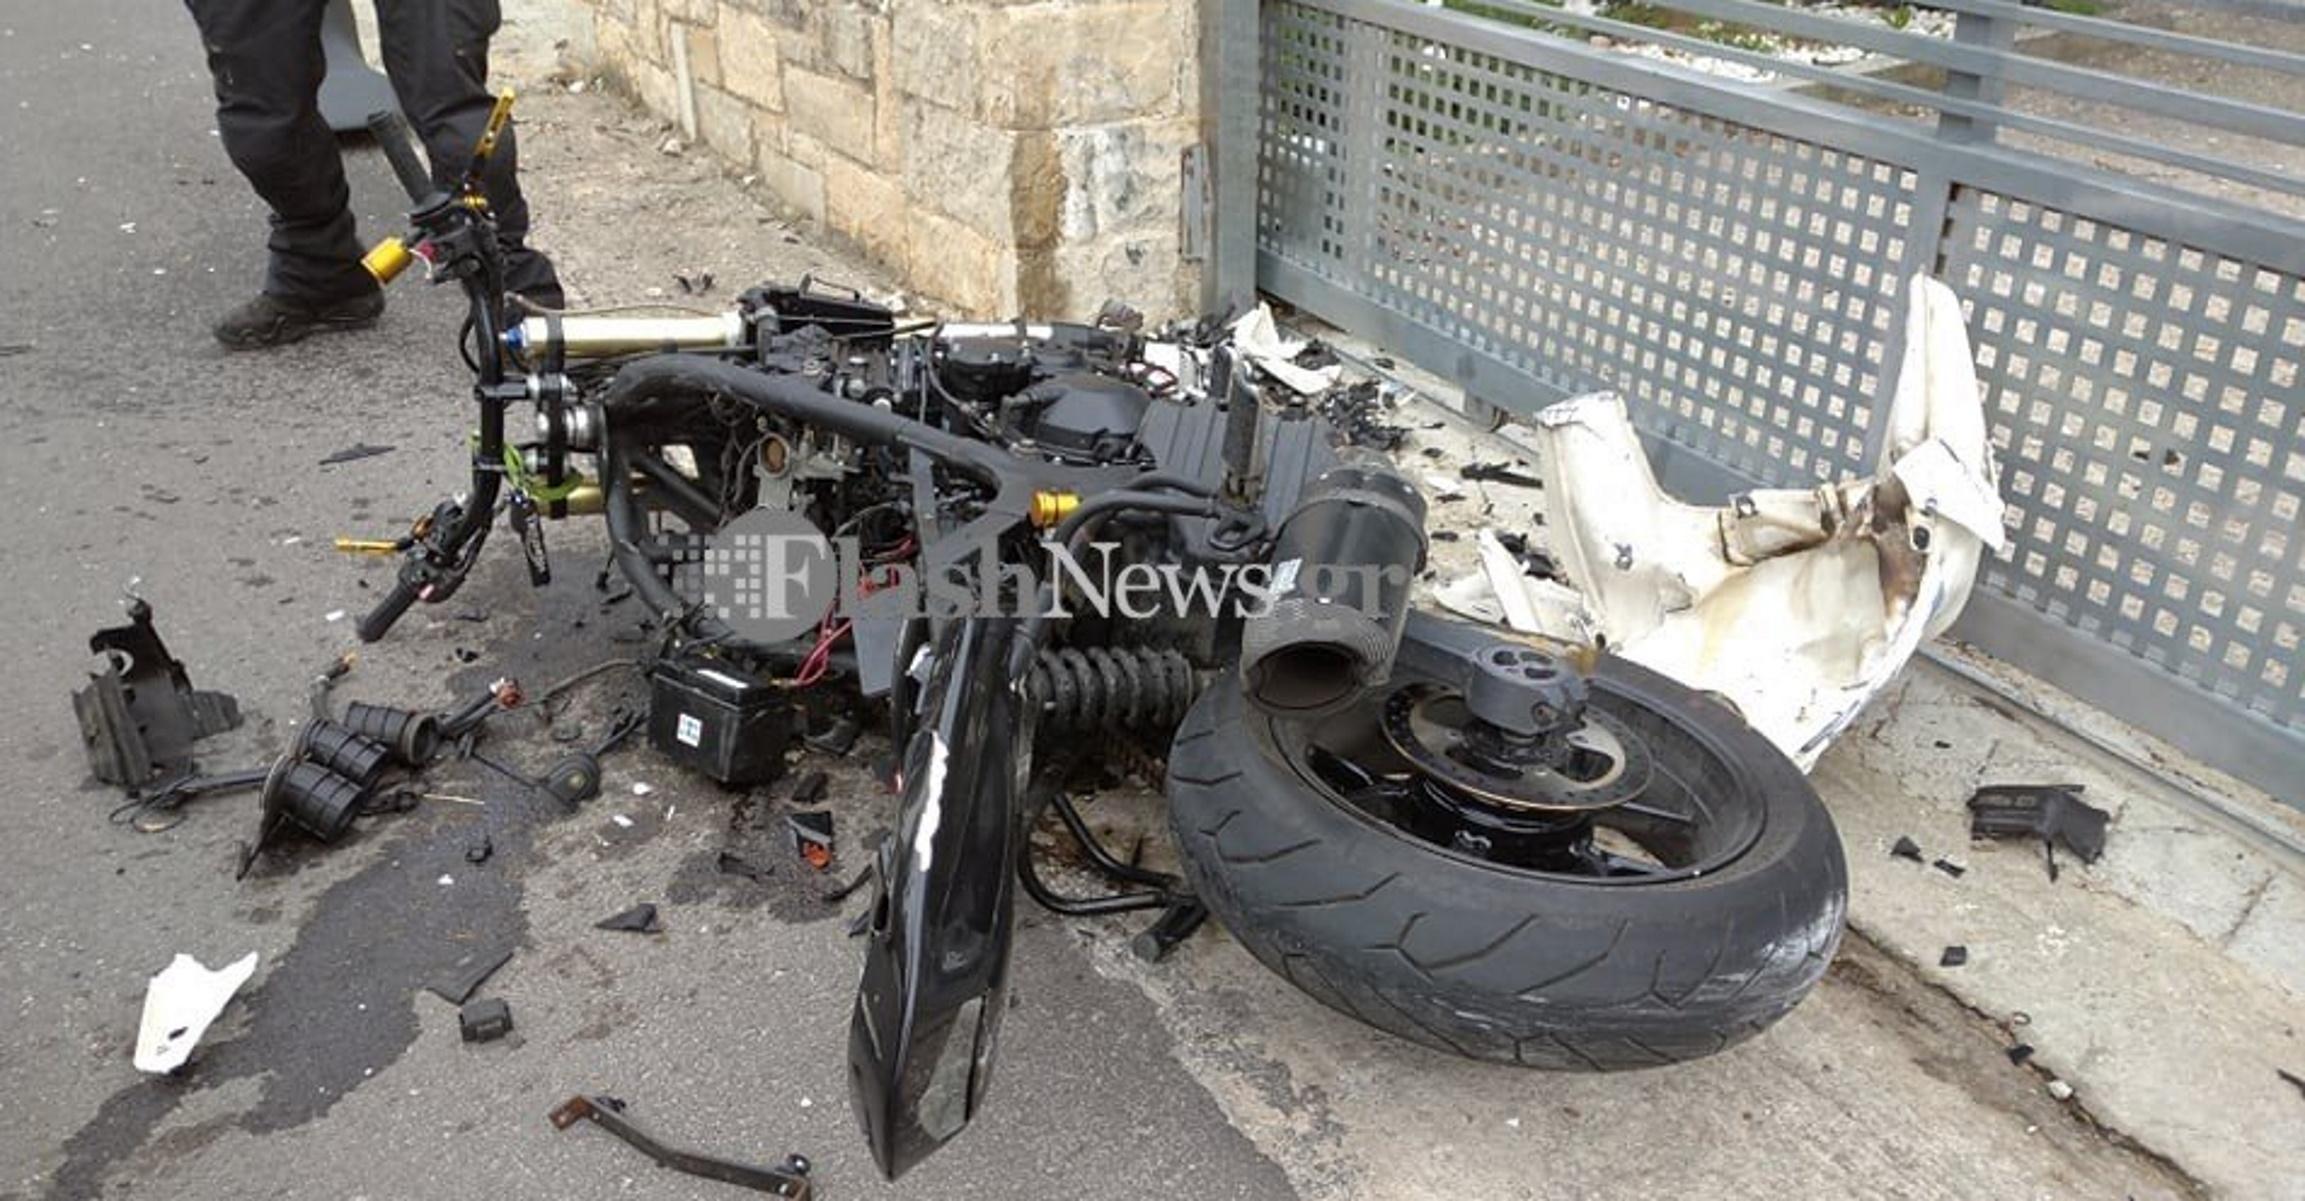 Χανιά: 27χρονος μοτοσικλετιστής ξεψύχησε στην άσφαλτο – Εικόνες που σοκάρουν